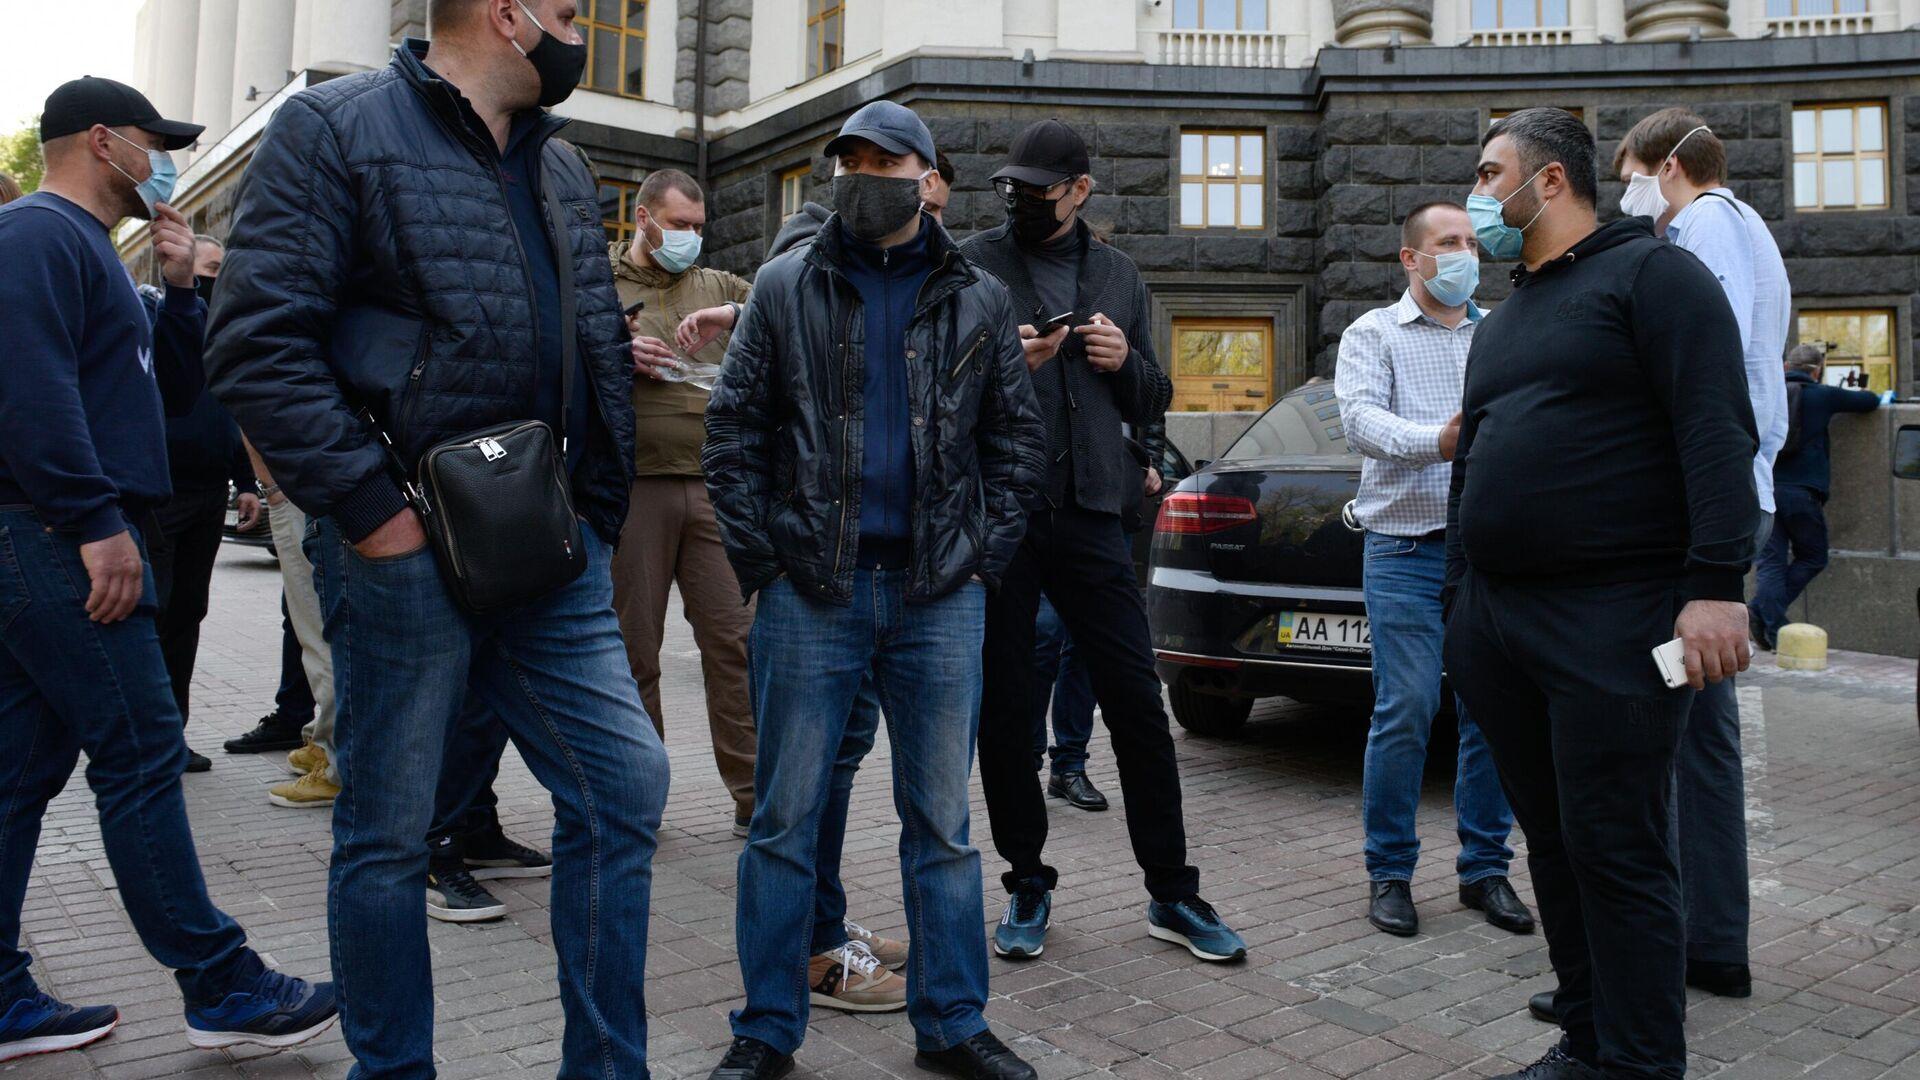 Участники акции предпринимателей с требованием завершить карантин под стенами здания Кабинета министров Украины - РИА Новости, 1920, 06.01.2021